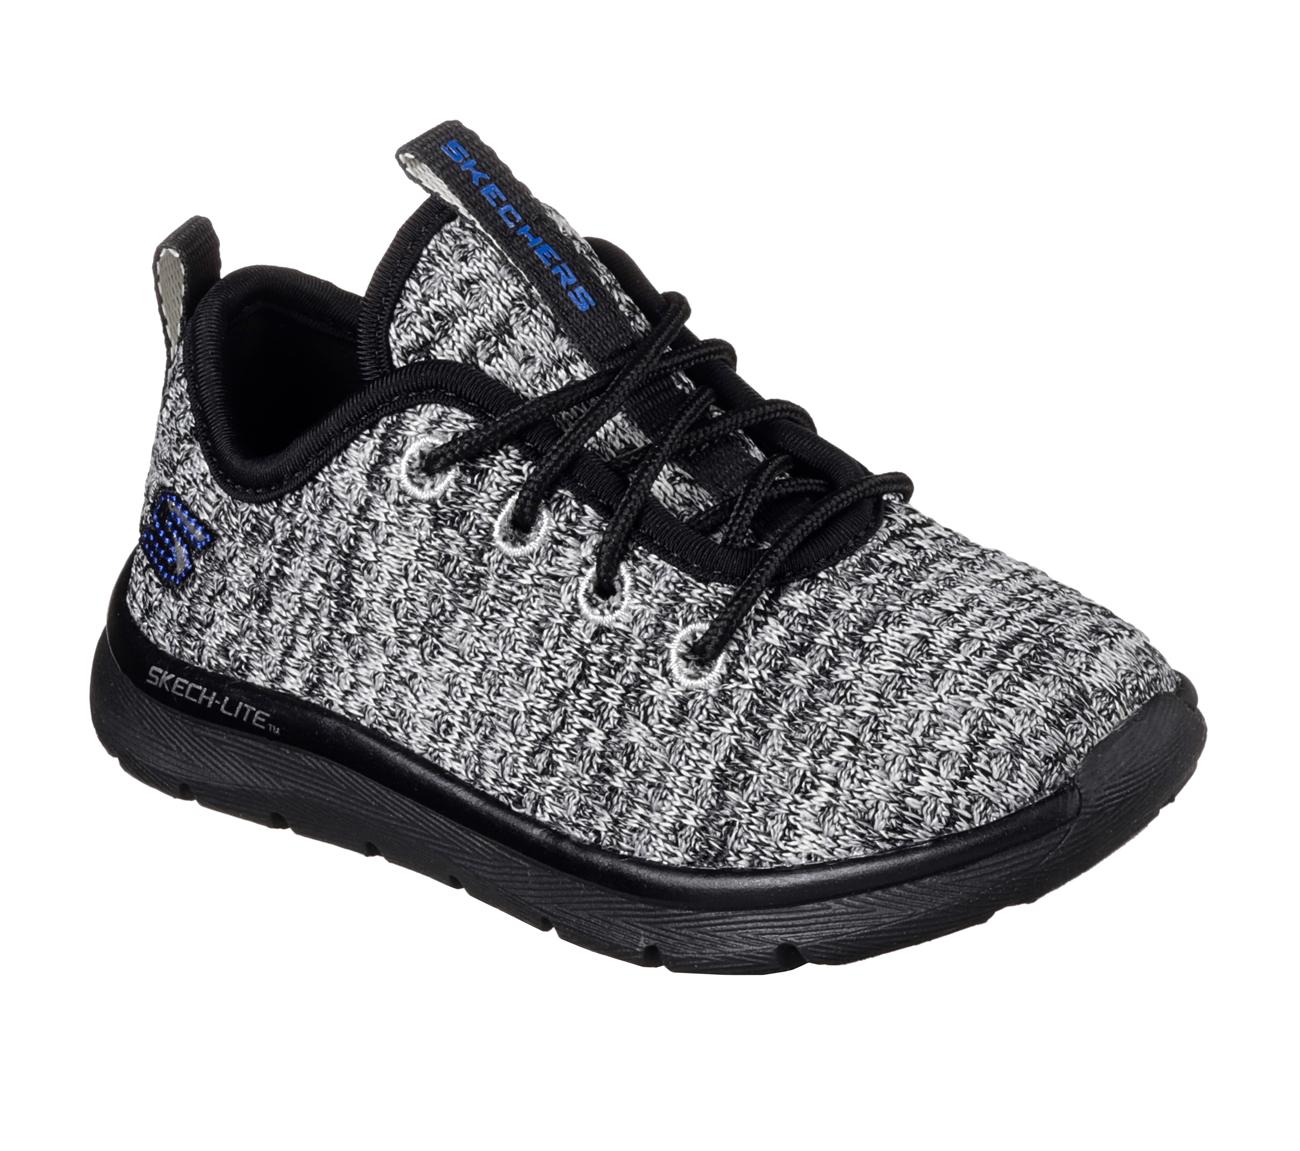 Buy Skechers Skech Lite Sport Shoes Only 37 00